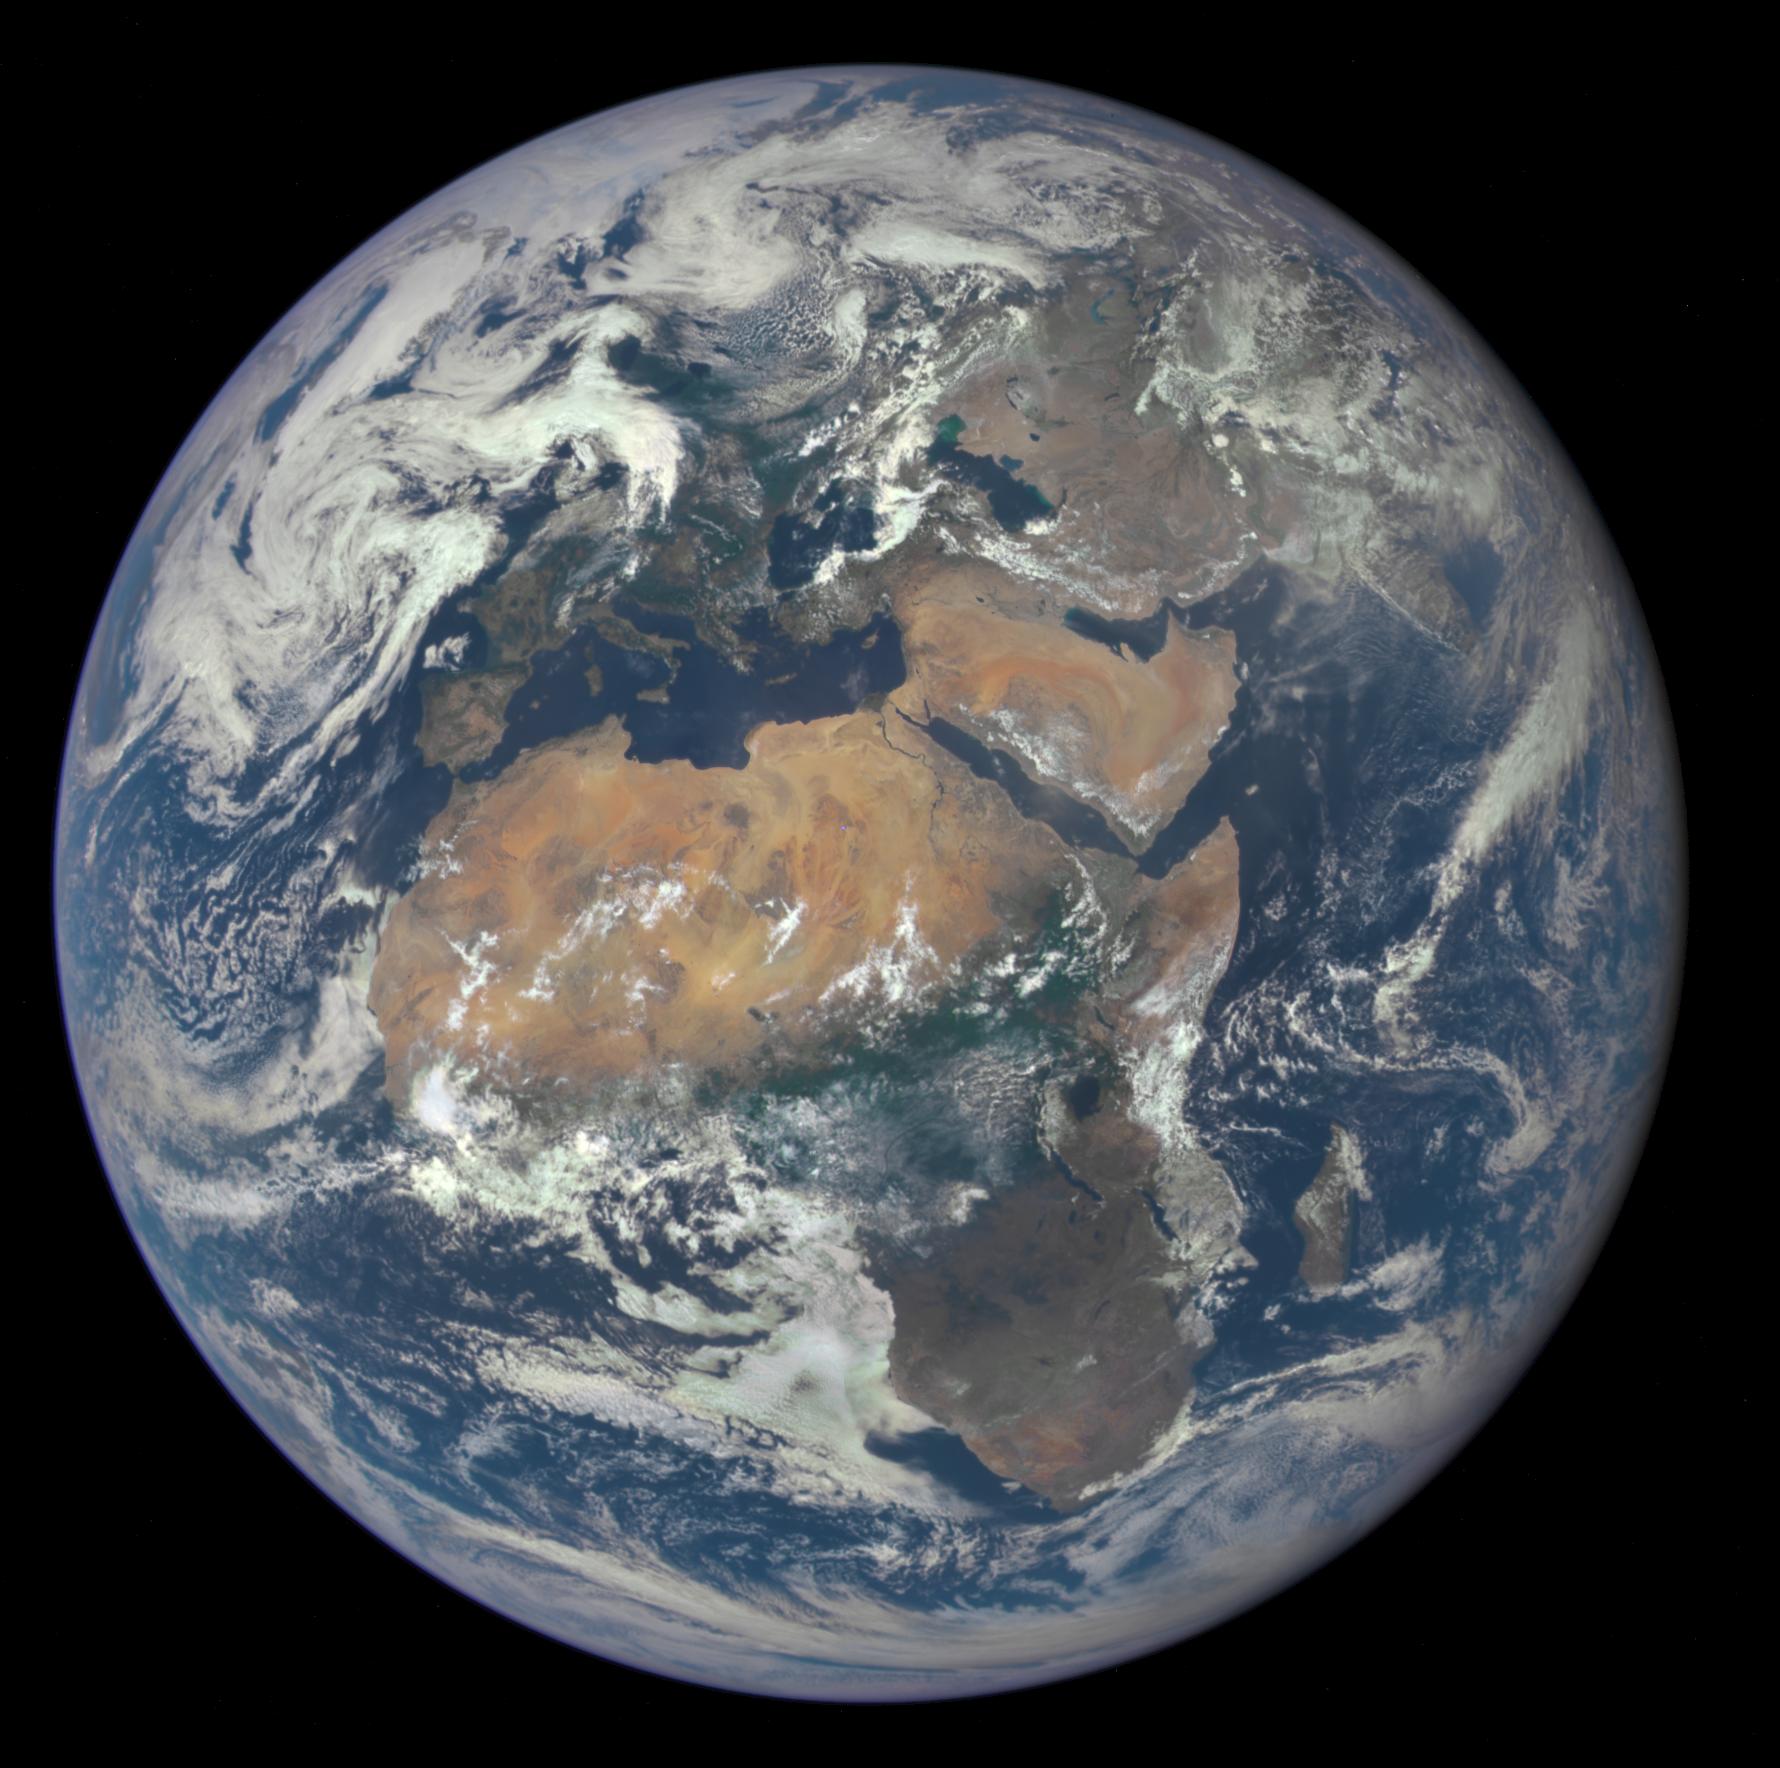 Сколько занимает земля на планете